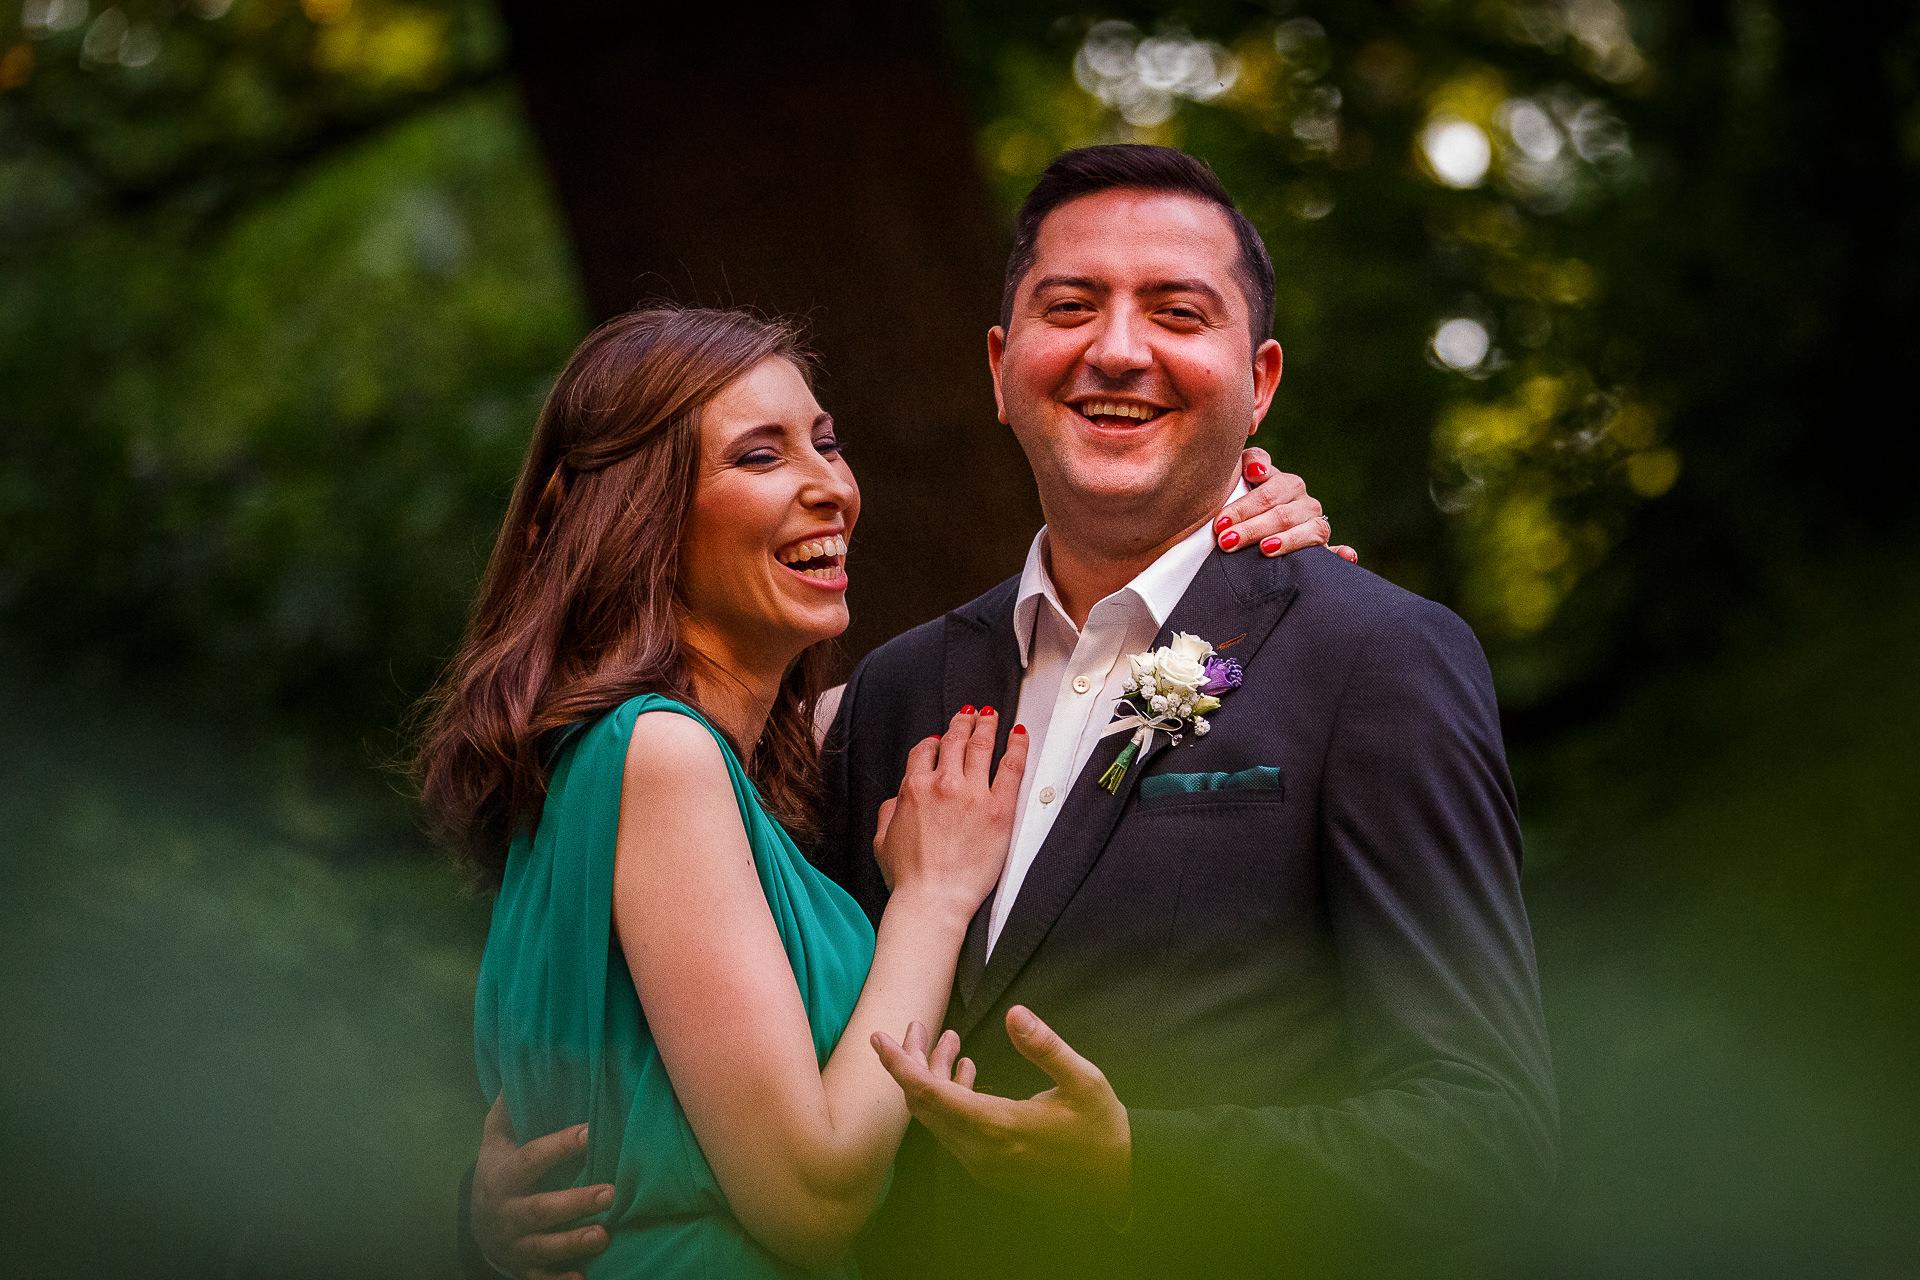 nuntă Salon Elisabeta - Elena şi Costin - Mihai Zaharia Photography - 049